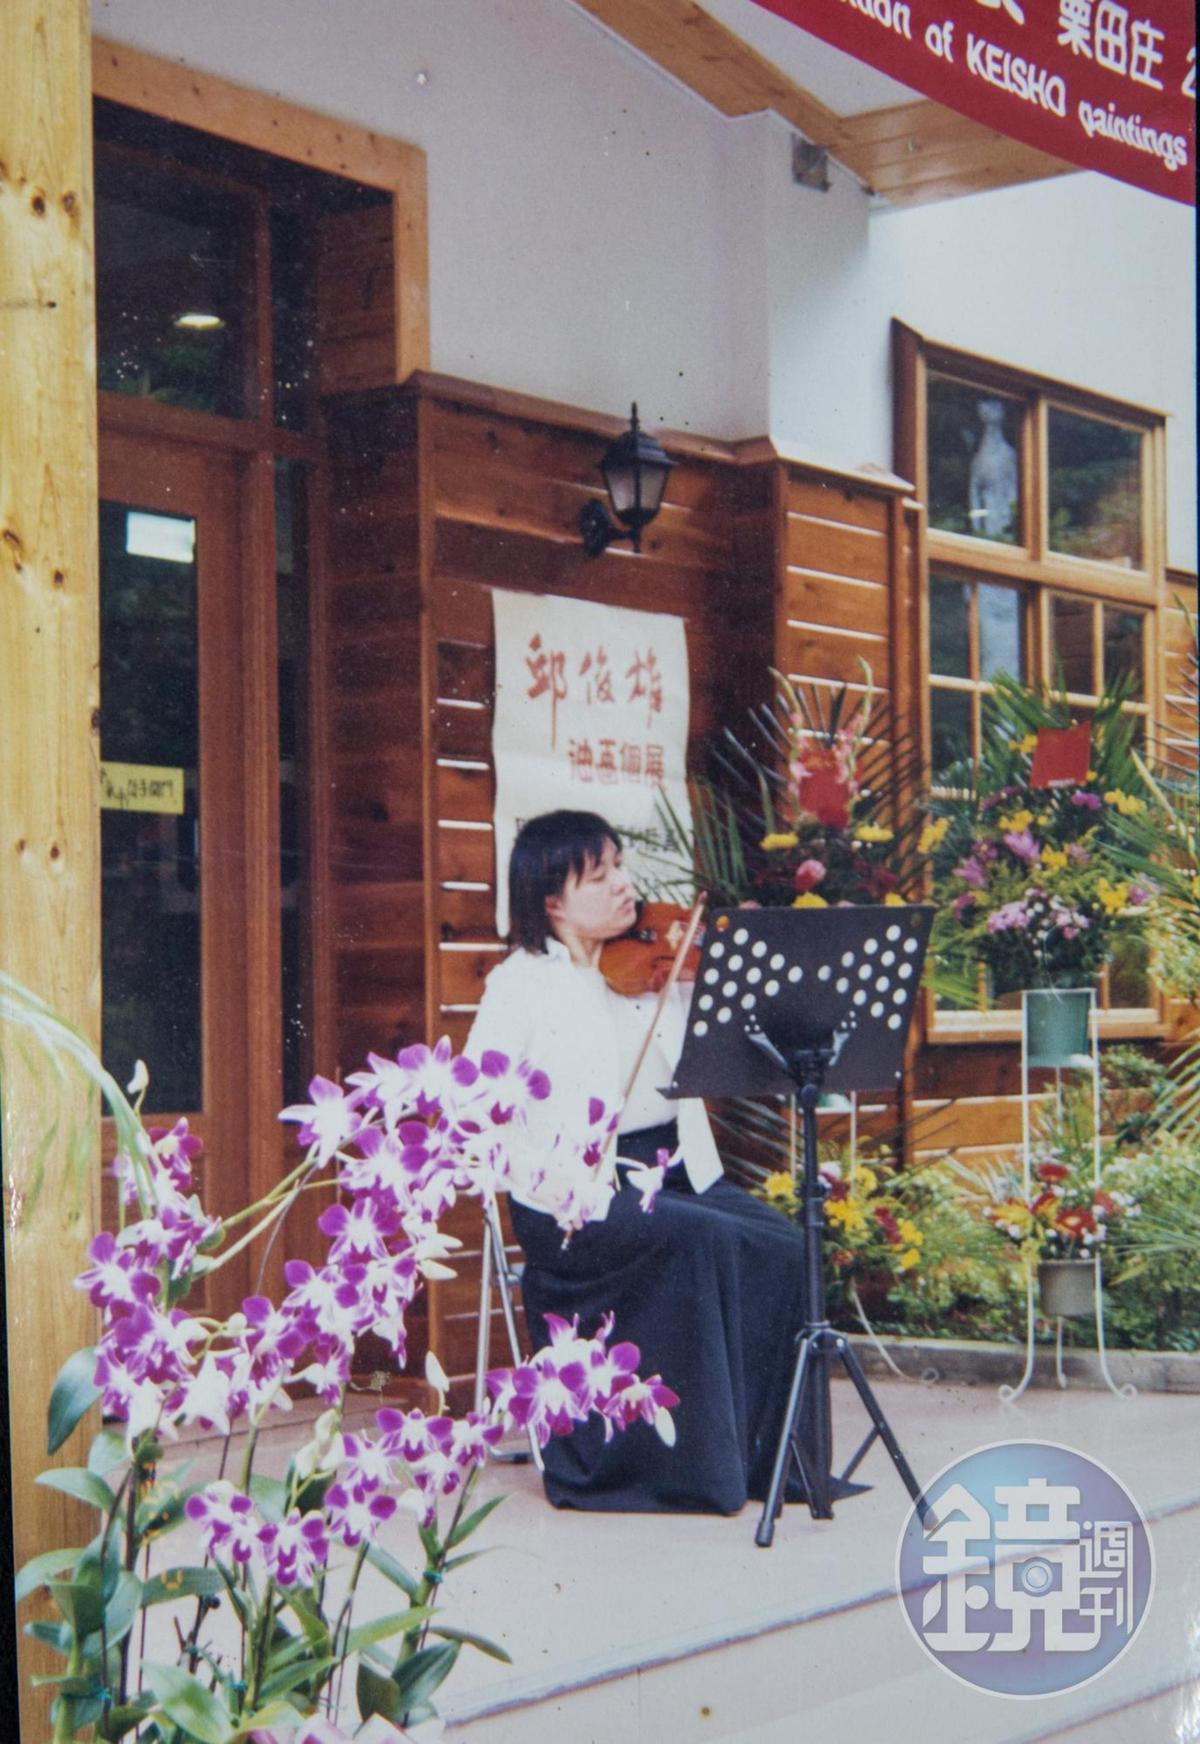 女兒陳琦香從小學音樂,也會在民宿舉辦音樂會。(陳智夫提供)